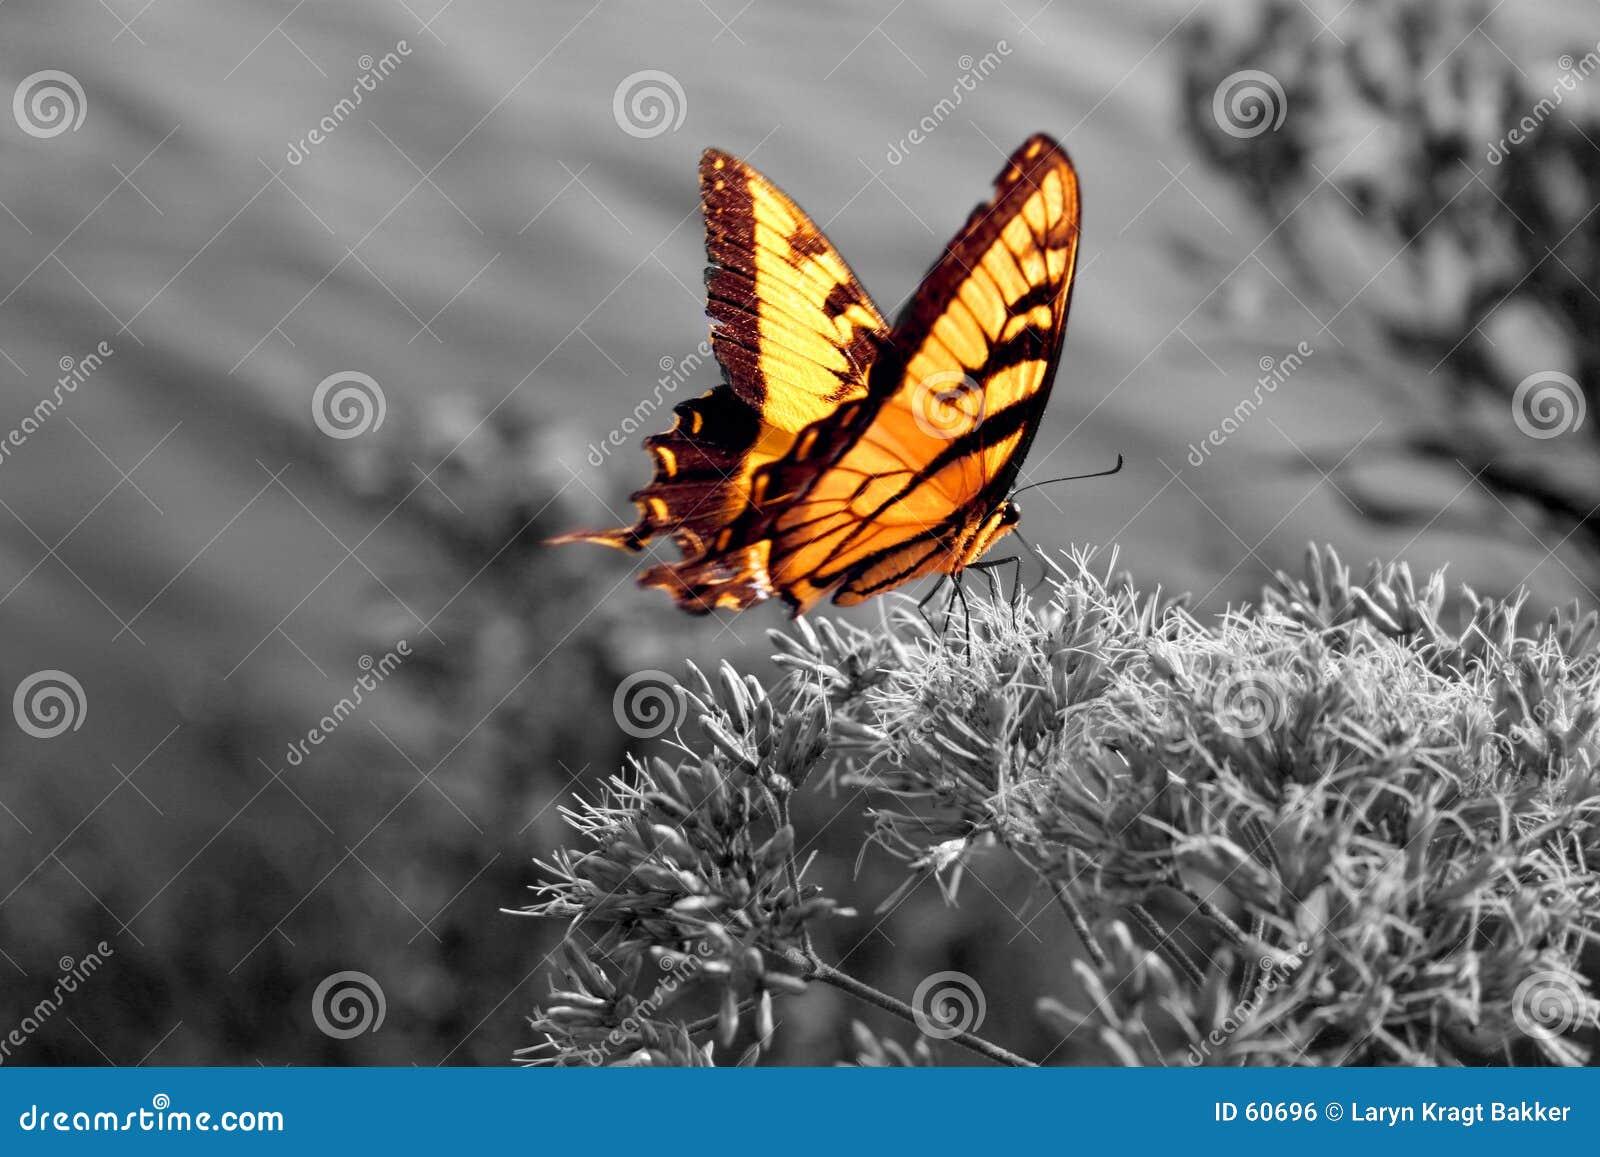 Farfalla vibrante su in bianco e nero fotografia stock - Pagine a colori in bianco e nero ...